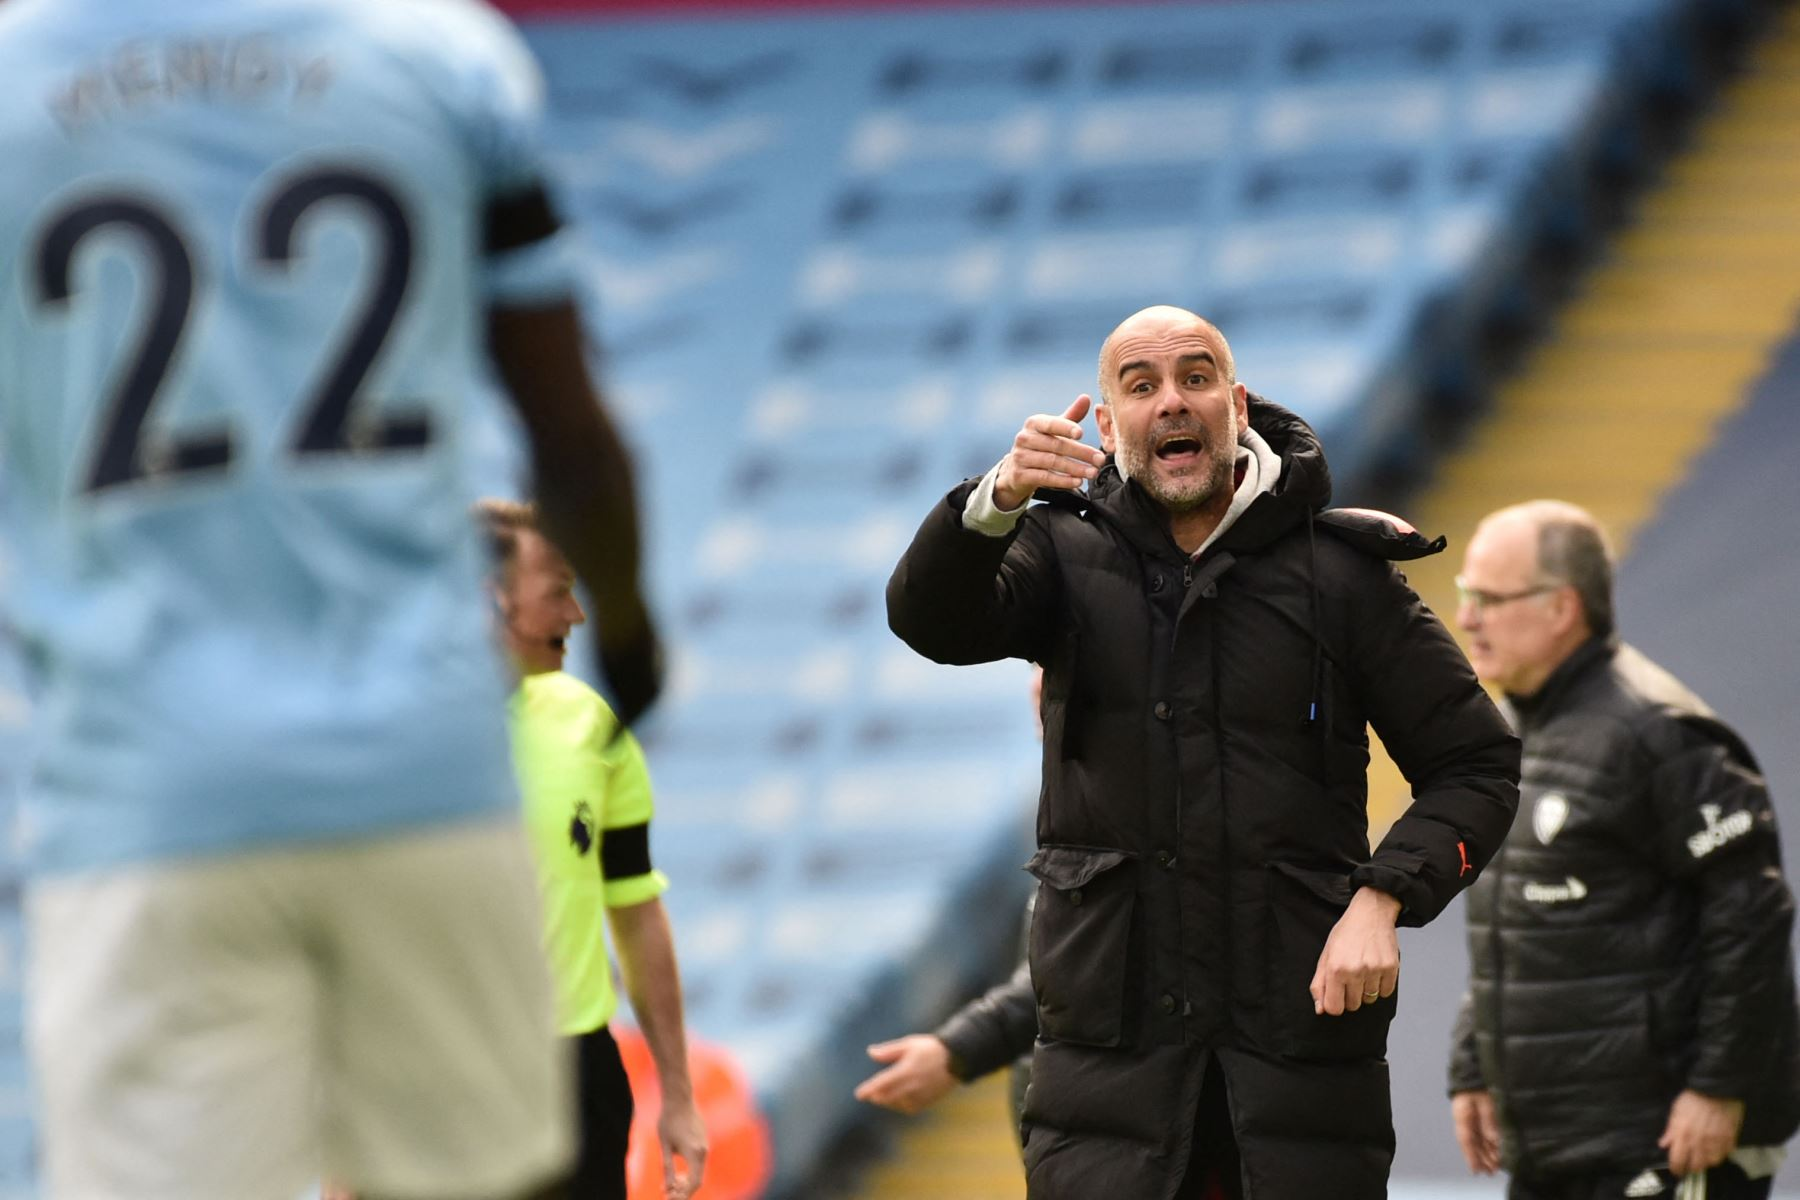 El técnico español del Manchester City, Pep Guardiola, reacciona durante el partido de fútbol de la Premier League inglesa entre el Manchester City y el Leeds United. Foto: AFP